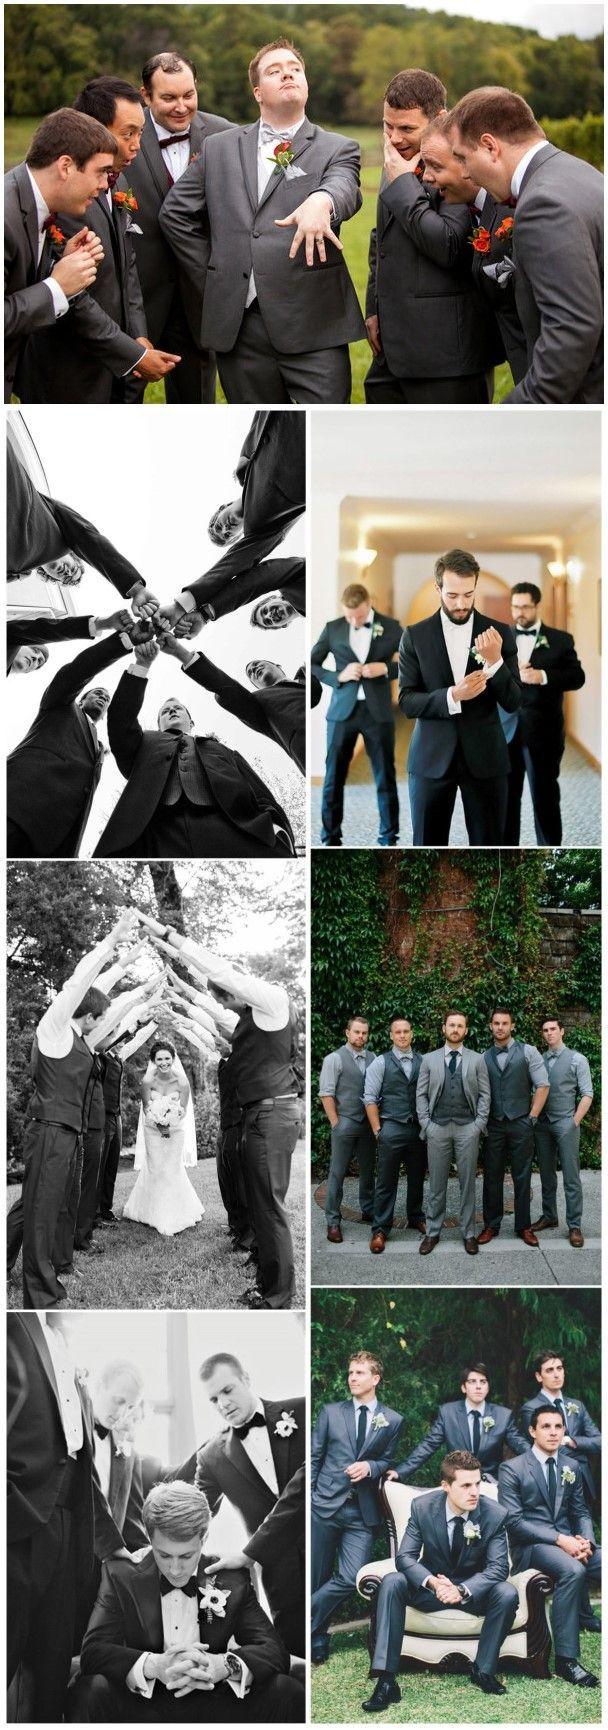 Auswahl Ihrer Hochzeit Fotograf - Hochzeit Fotografie ...